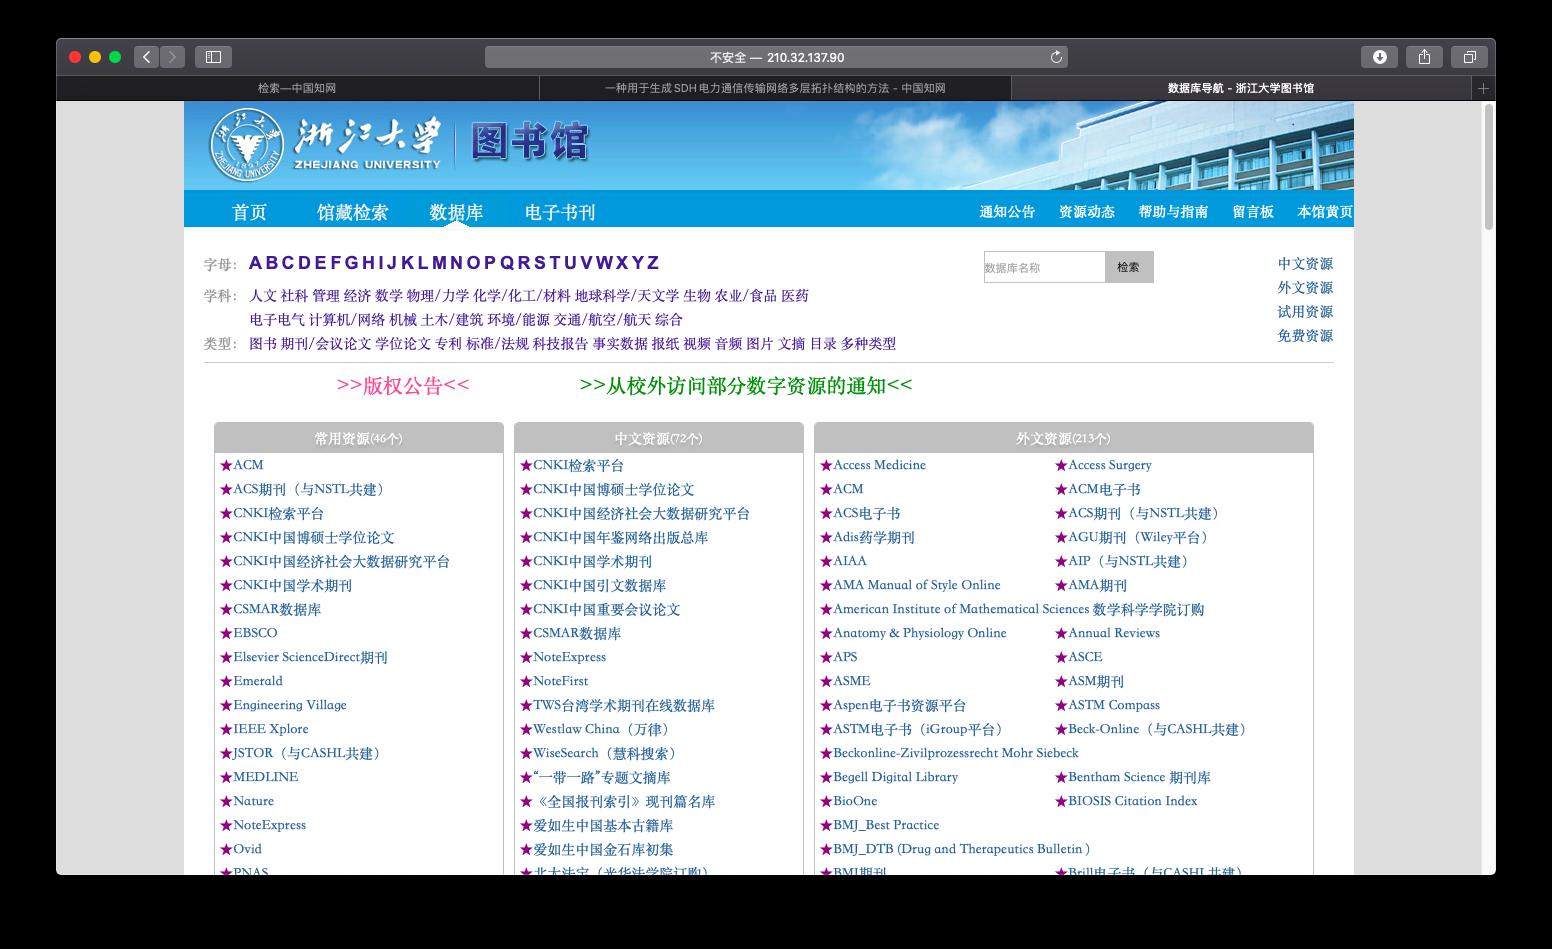 浙大图书馆数据库导航